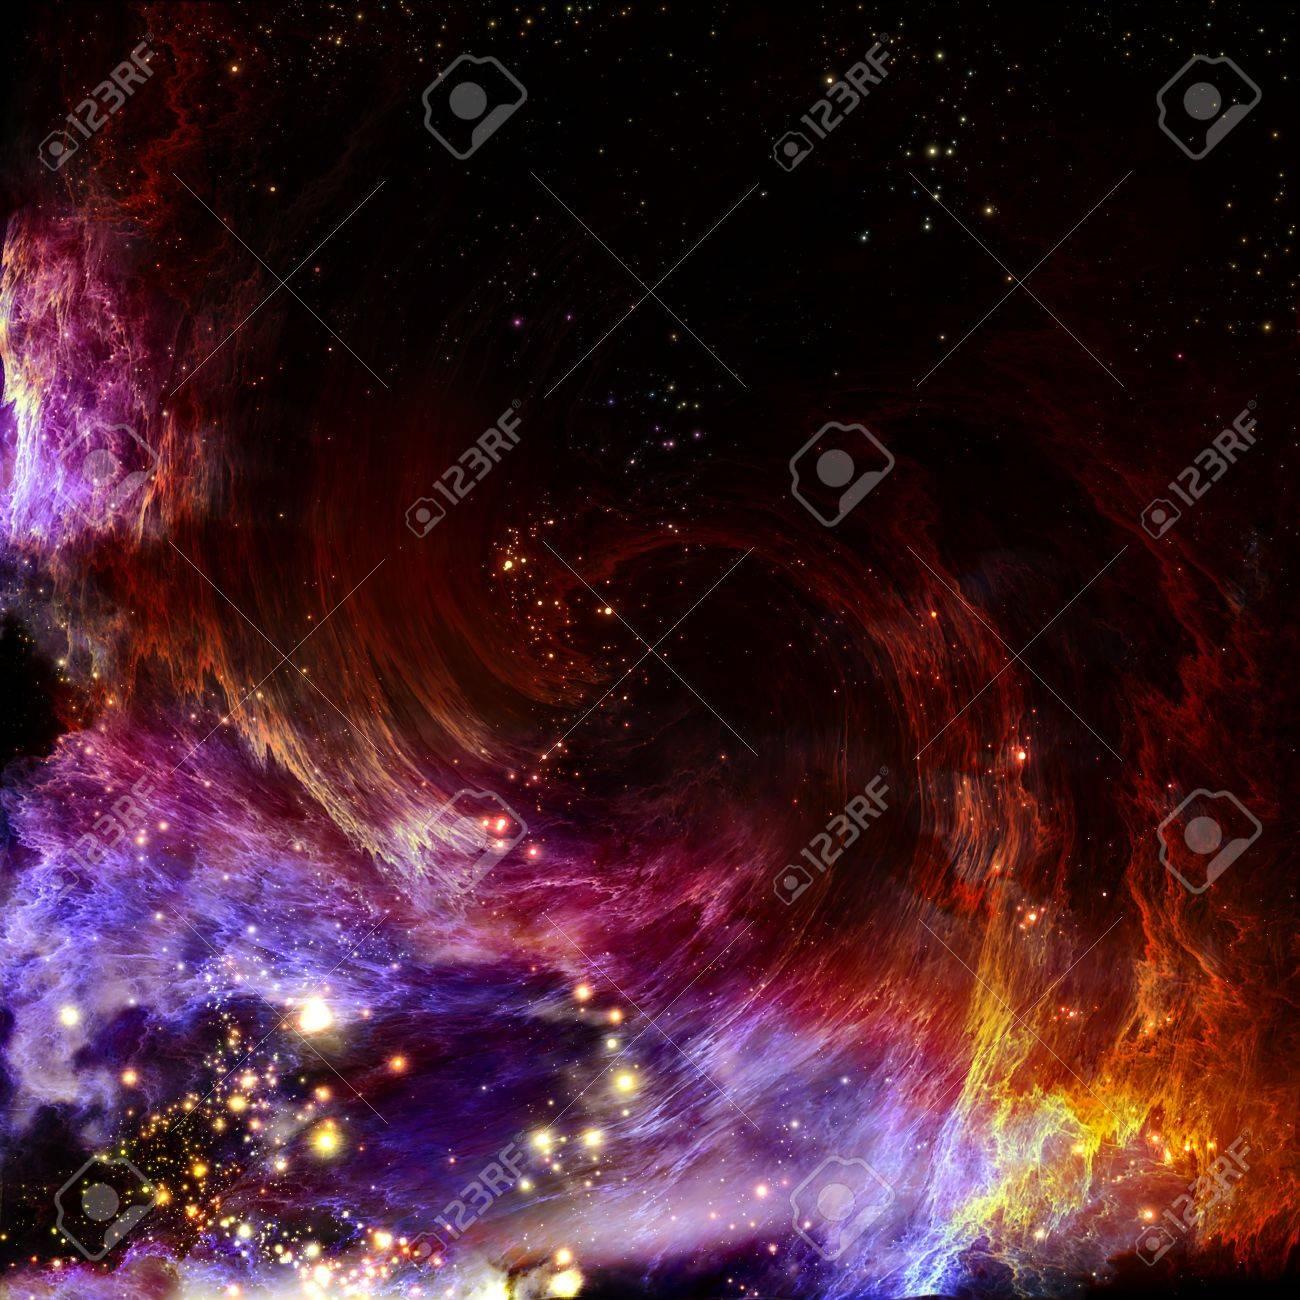 極地オーロラと星雲の切れ間から輝くし、新しい渦巻星雲の超新星の爆発 ...